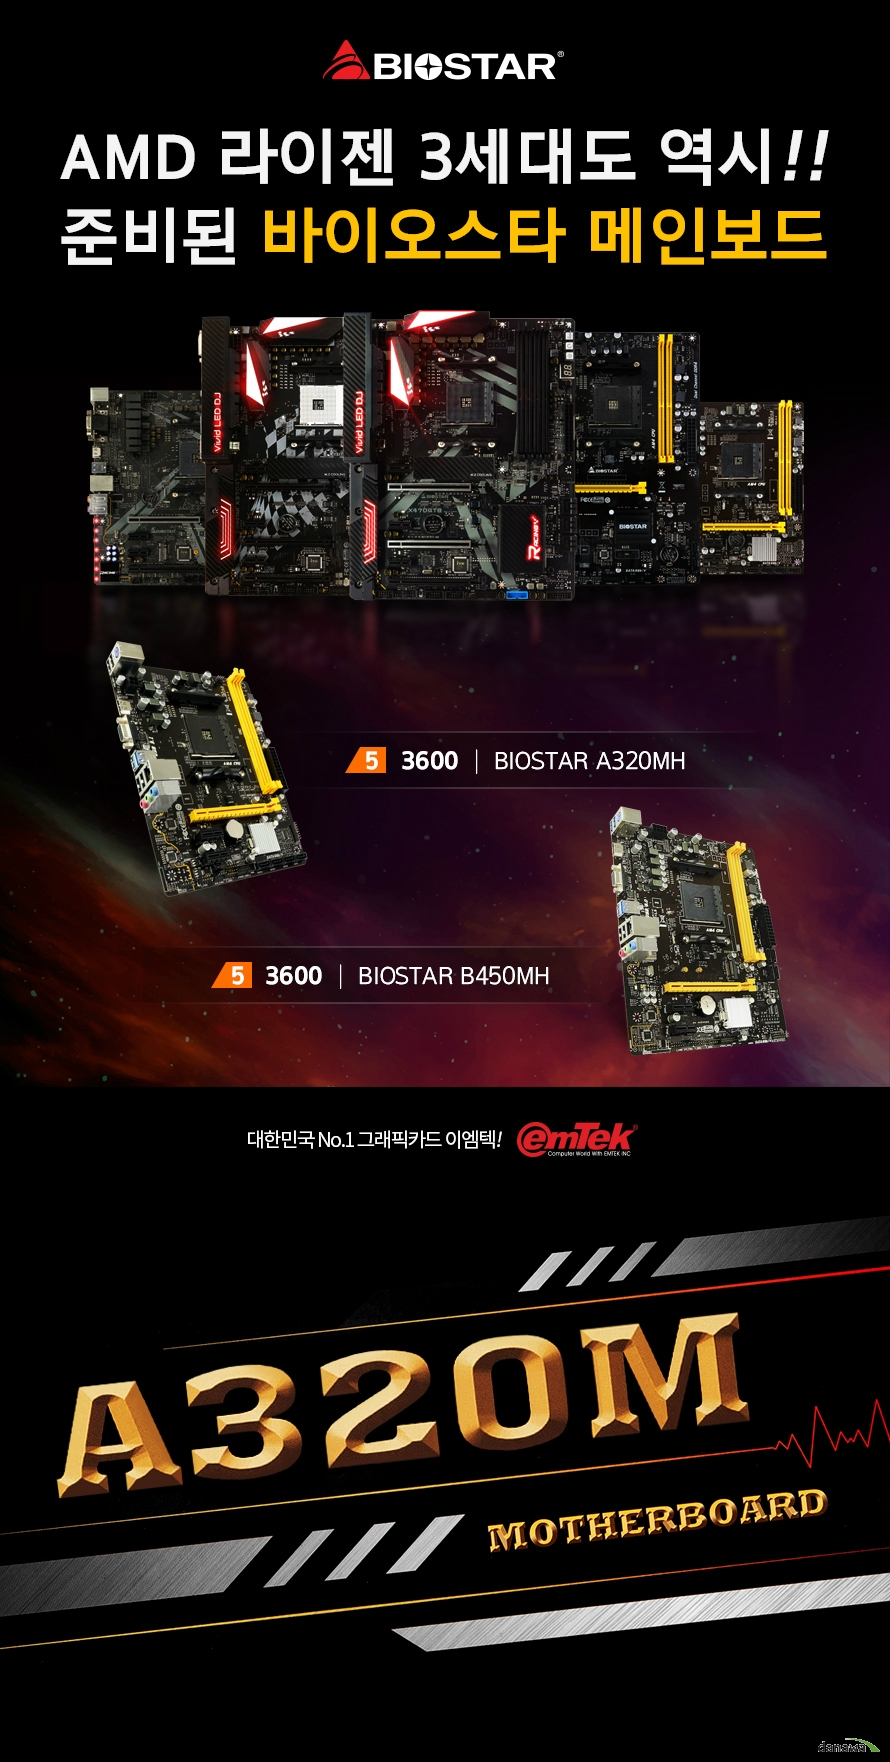 IOSTAR A320MH  AM4 소켓 Cpu A시리즈 APU 및 1세대, 2세대 라이젠 시리즈 CPU NPU 지원 최대 CPU TDP 95와트 지원  AMD A320 칩셋 지원  Ddr4 dimm 최대 32gb 지원 듀얼 채널 ddr4 2933 2667 2400 2133 1866 mhz 지원 NON ECC 및 ECC 언 버퍼드 메모리 모듈 지원  Pcie 3.0 x16 1개 지원 Pcie 3.0 x1 2개 지원  Sata3 소켓 4개 지원  Usb 3,1 gen1 4개 지원 Usb 2.0 8개 지원  리얼텍 8111H 기가비트 랜 지원 리얼텍 alc 887 7.1채널hd 오디오 코덱 지원 윈도우10 64비트 지원  마이크로 atx 폼팩터 길이 244밀리미터 넓이 198밀리미터  kc인증 R-REI-EMT-BS-A320MH B  제조사의 사정에 따라 사전고지 없이 일부 제품사양이 변경될 수 있습니다. 구매 전 사용하시는 부품과 cpu 프로세서 등 장착 지원 여부를 확인하시기 바랍니다.